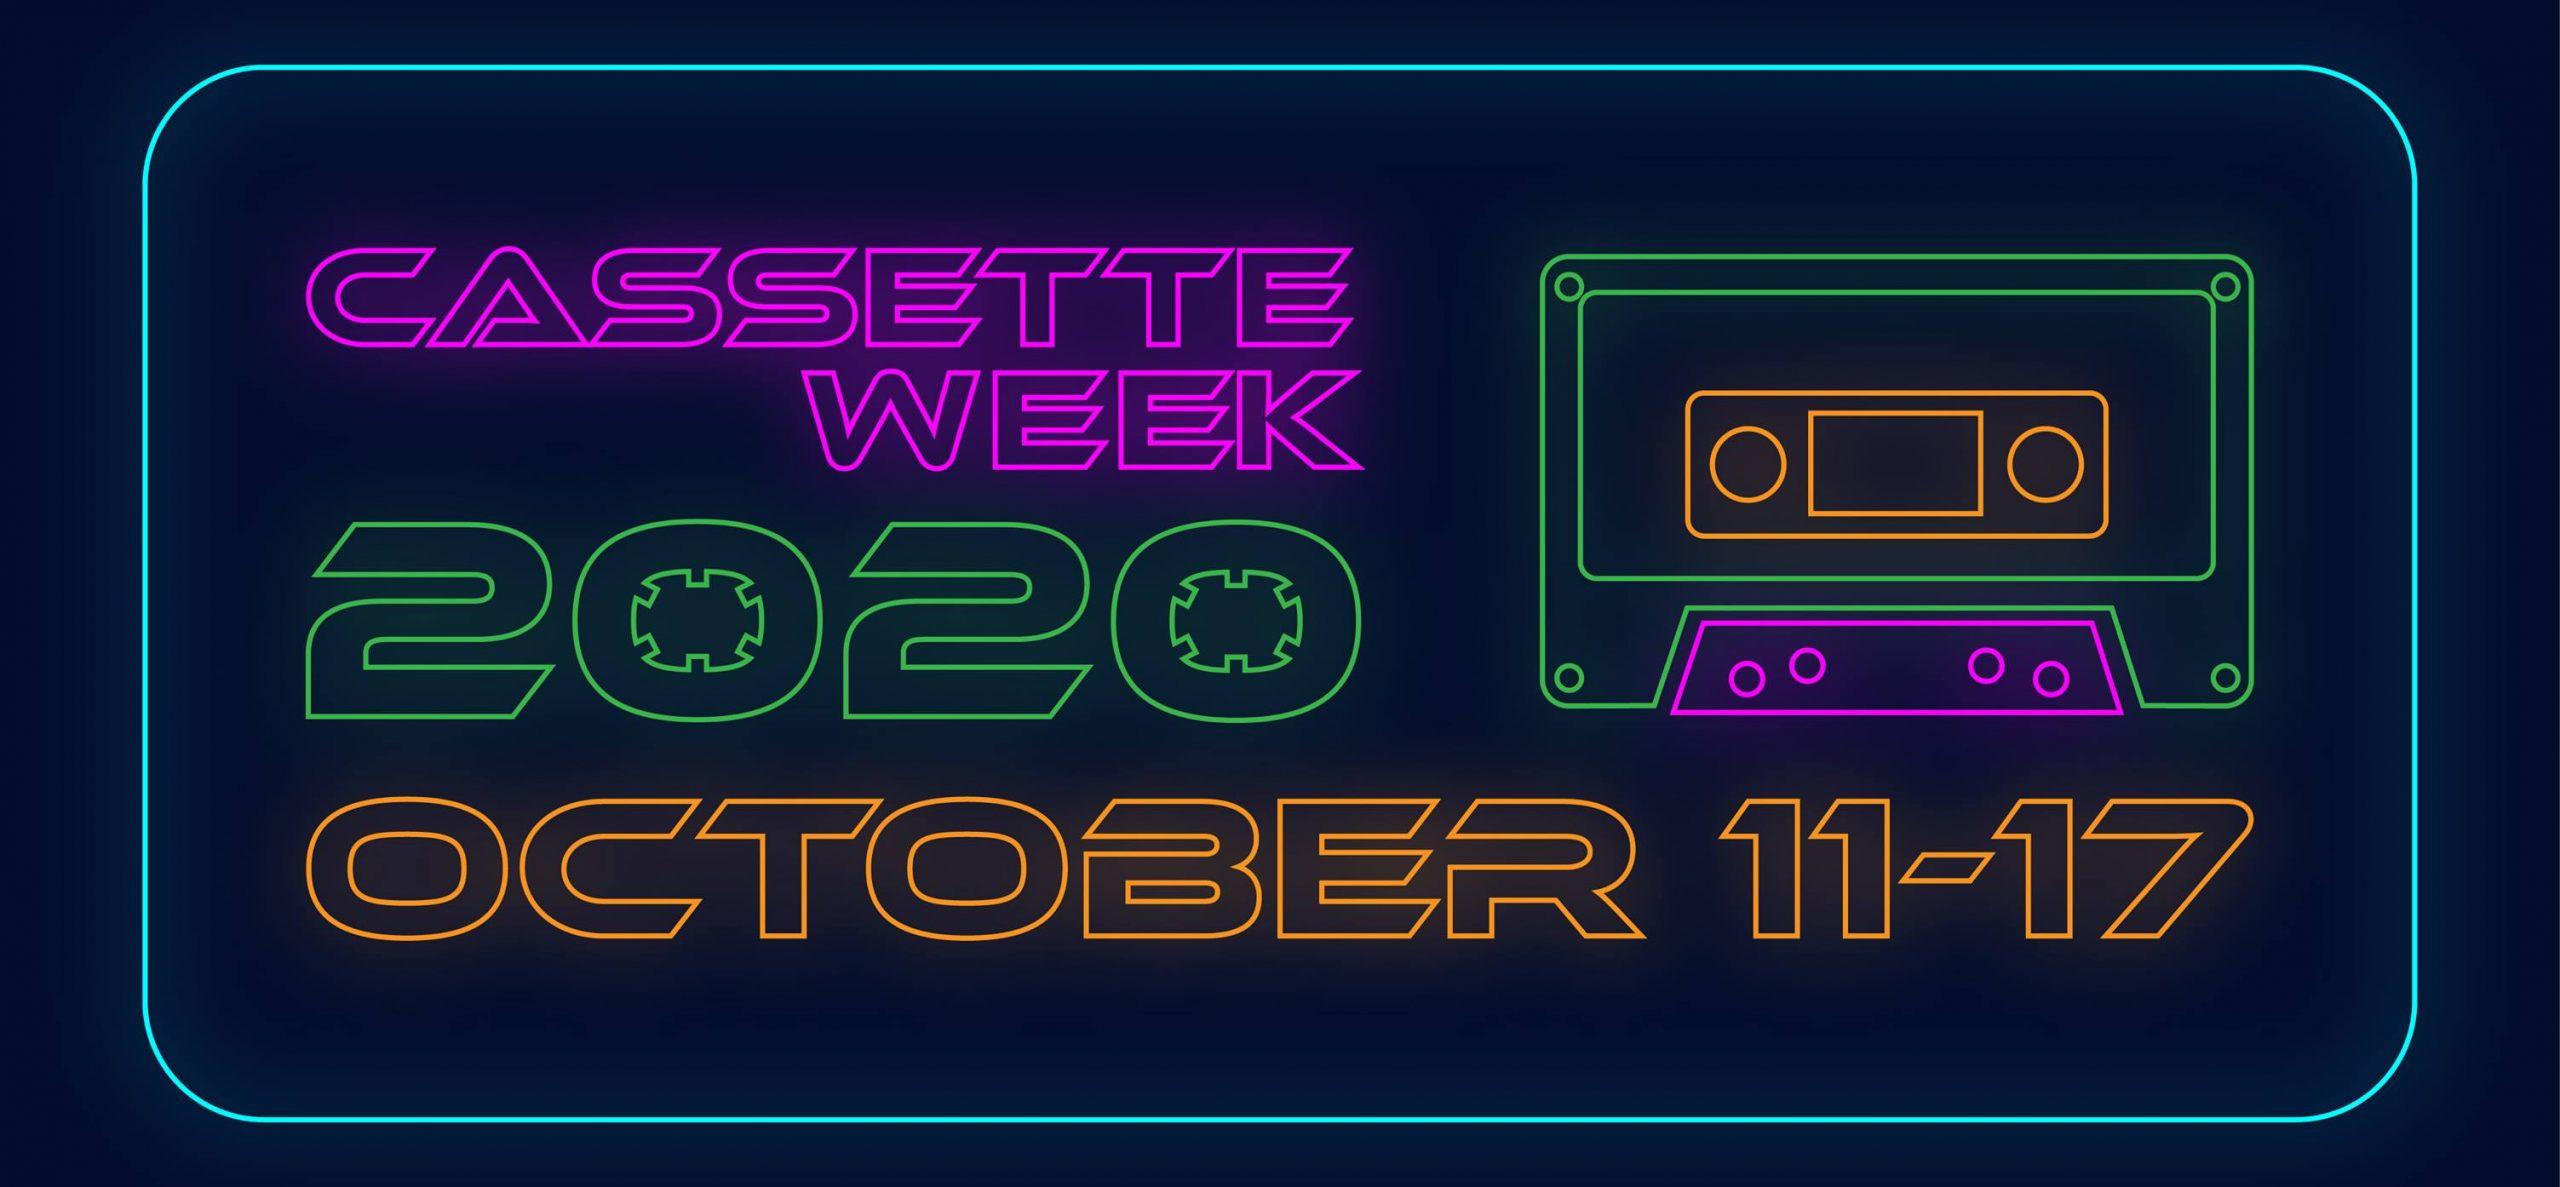 cassette_week